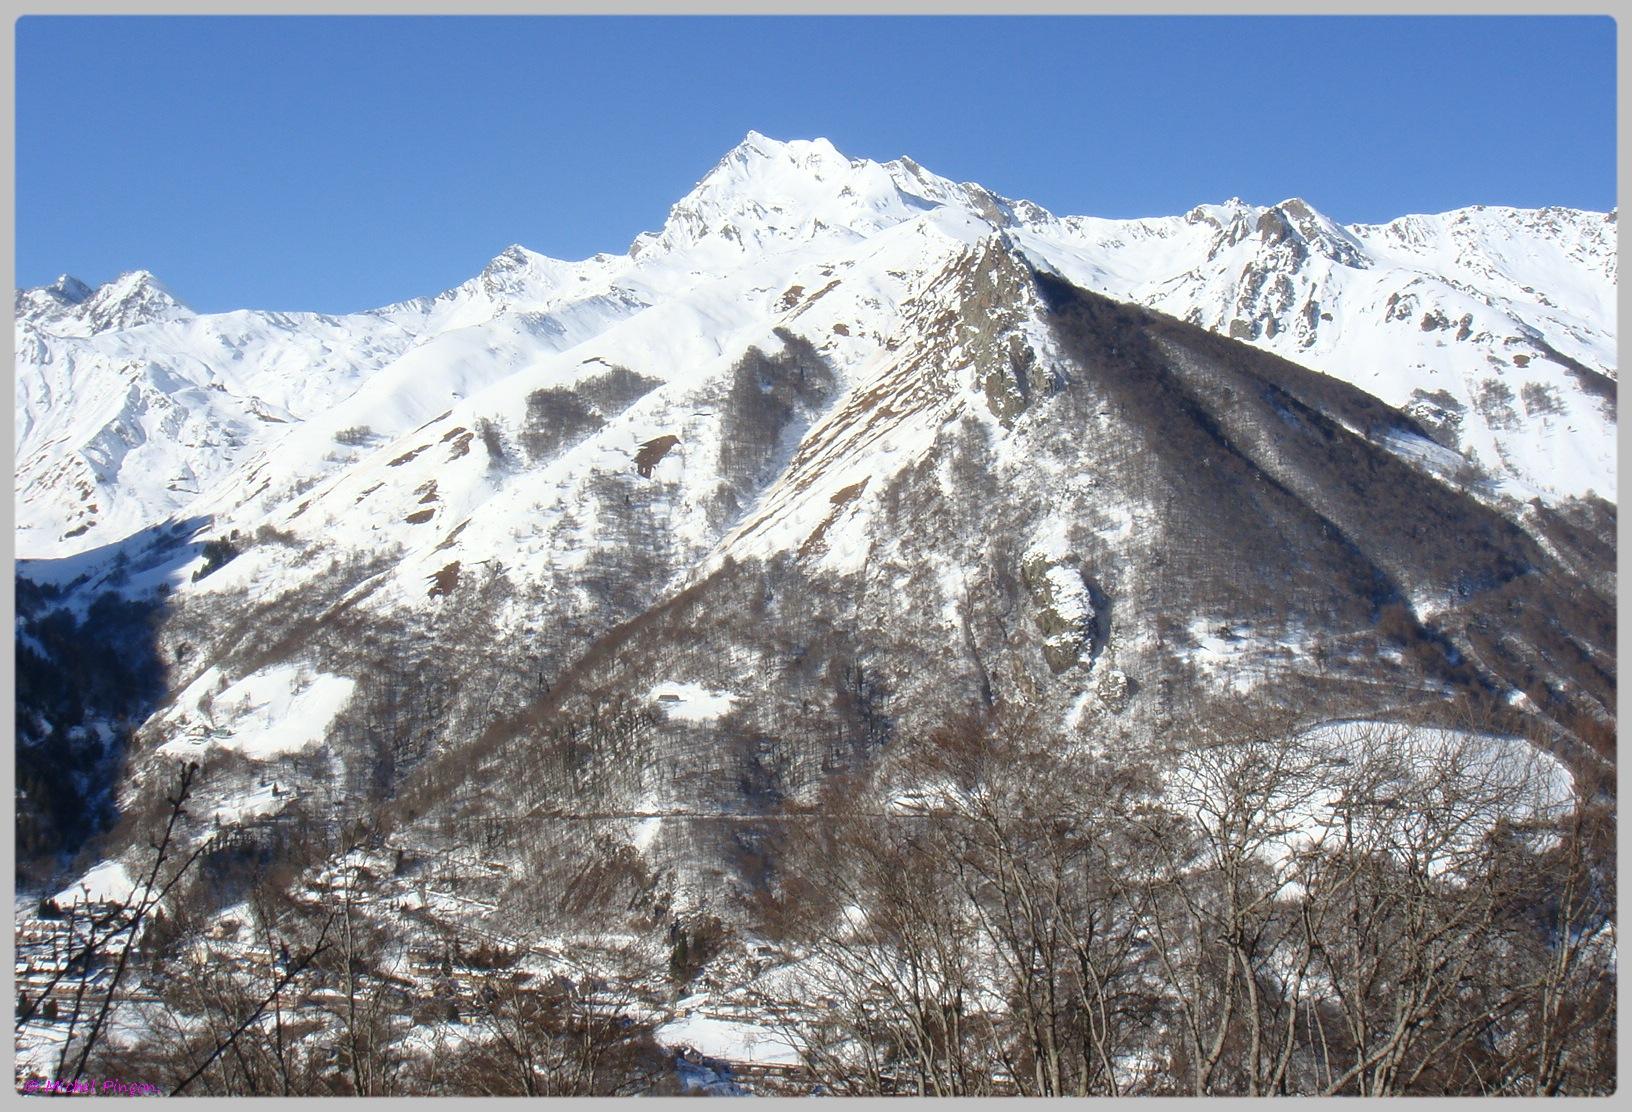 Une semaine à la Neige dans les Htes Pyrénées - Page 2 527312DSC011901